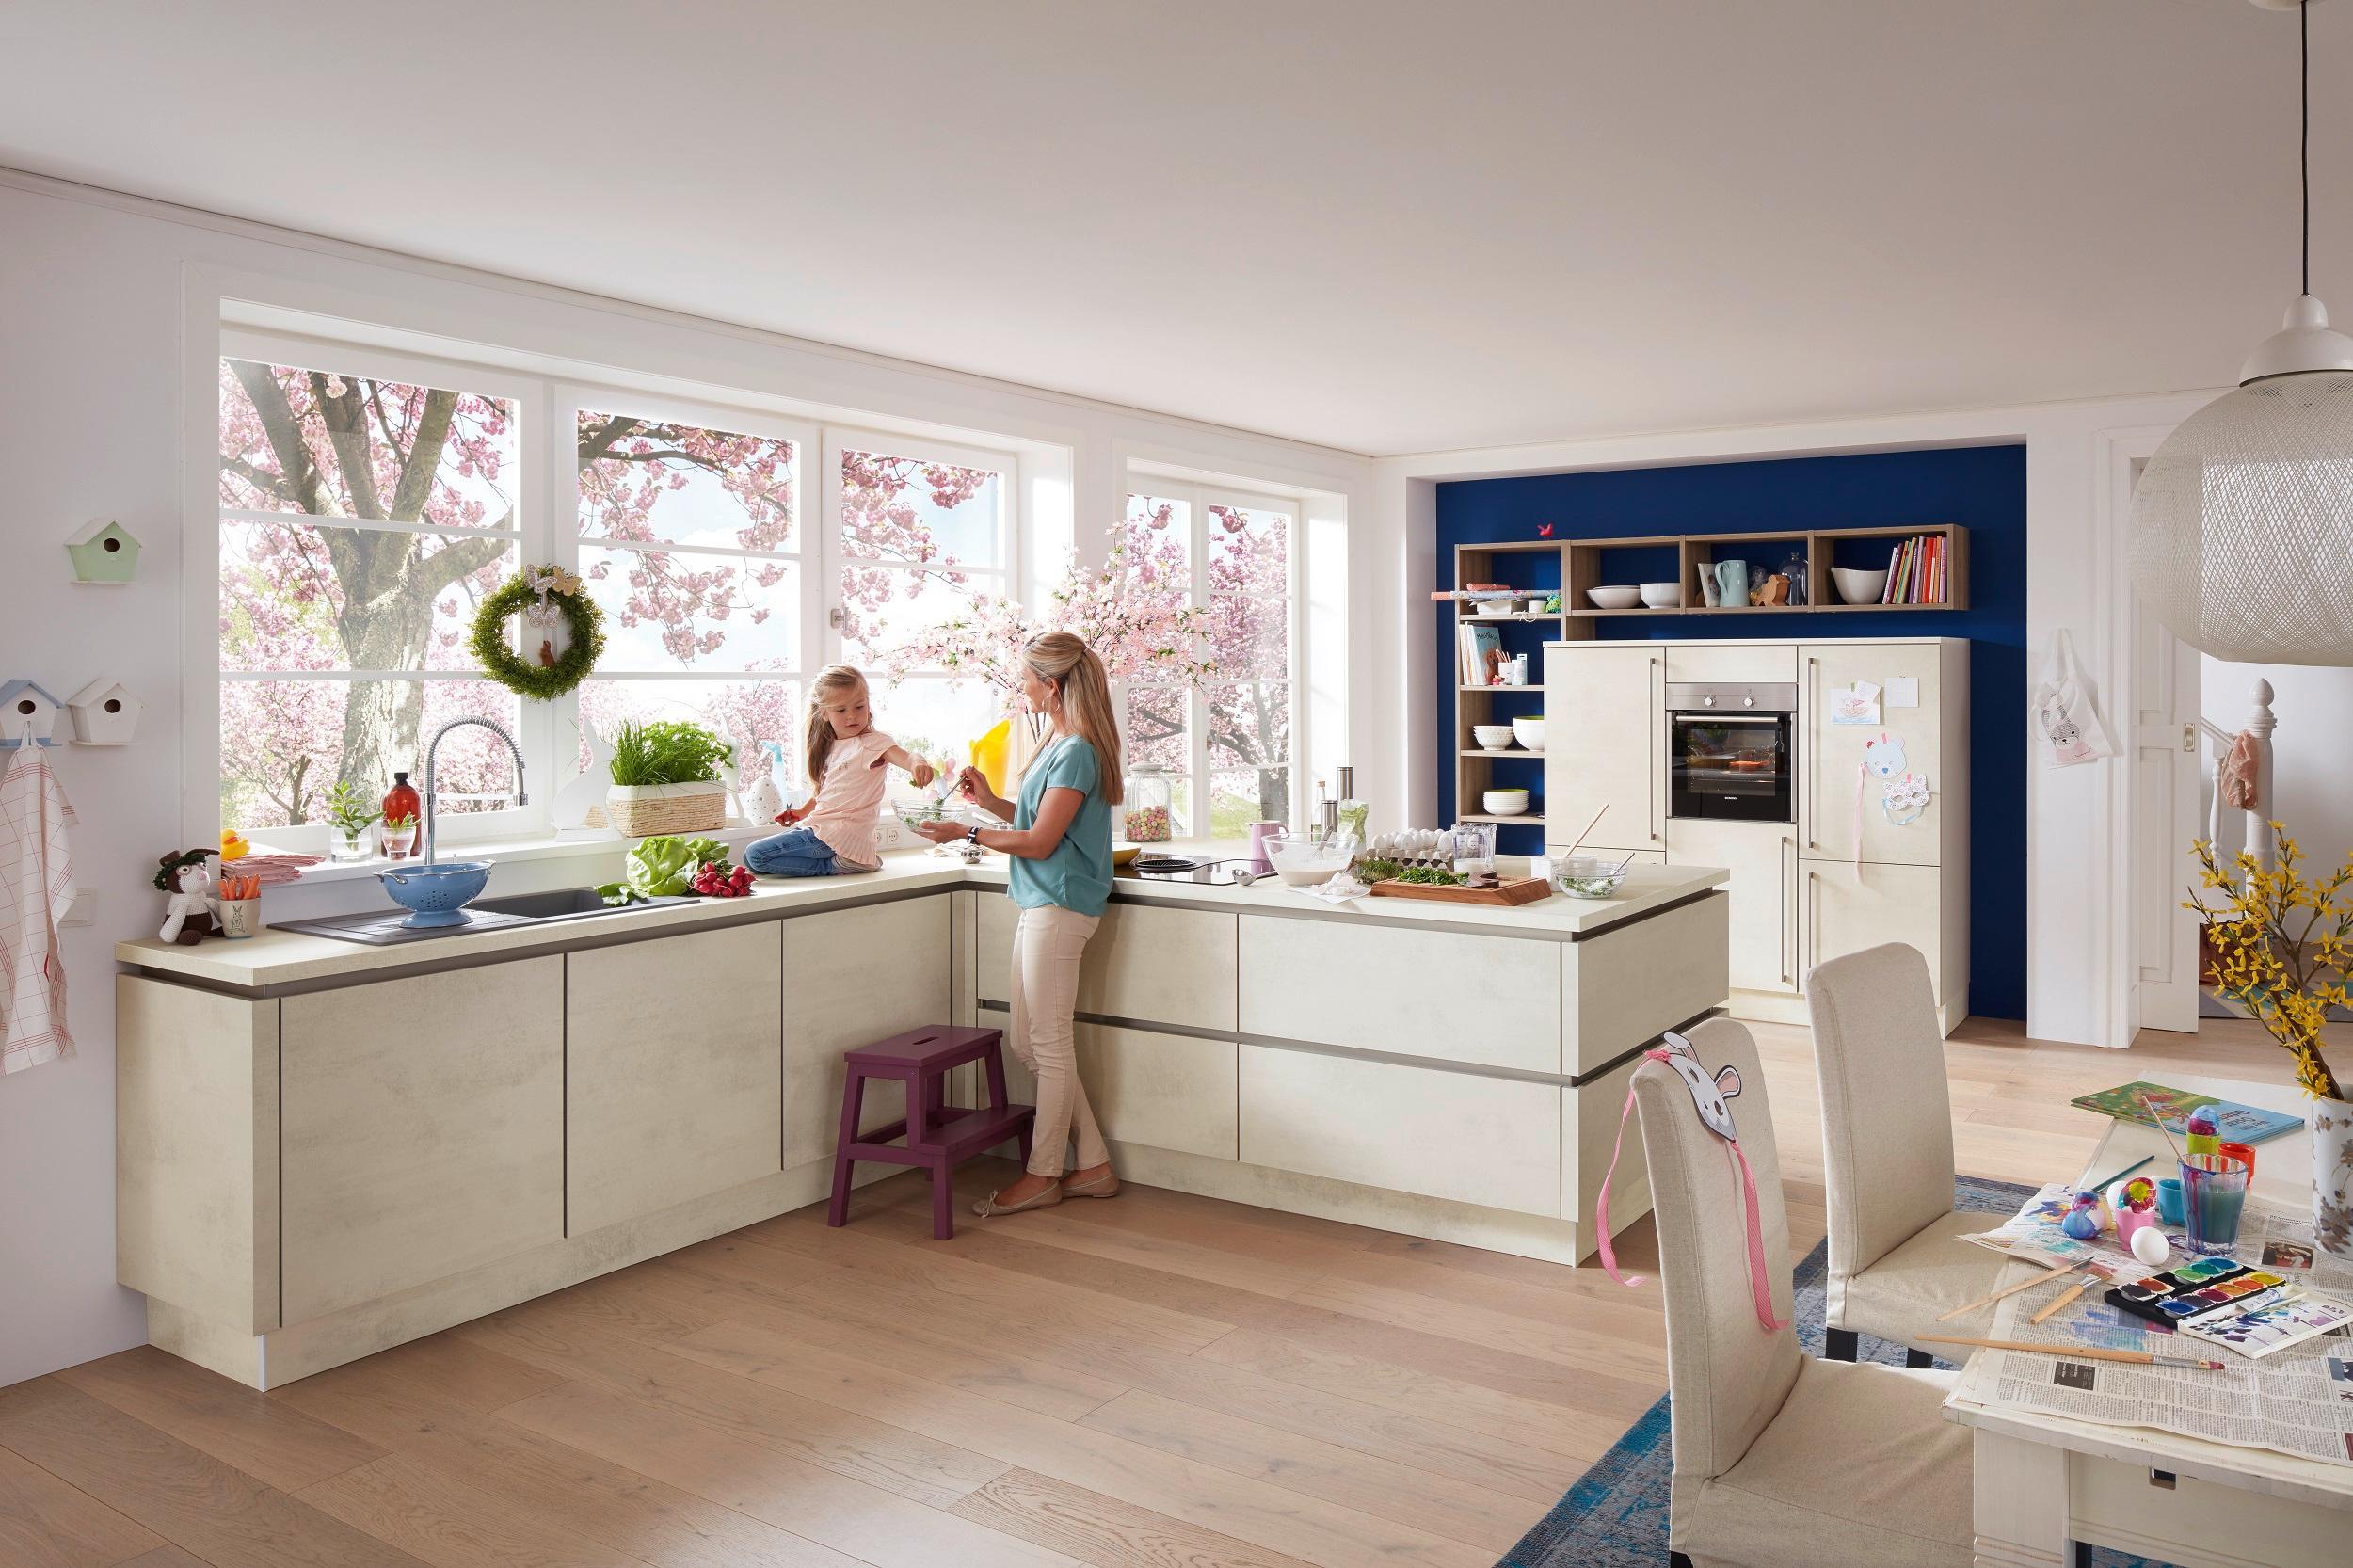 Küchenschmiede Erding e. K. Erding